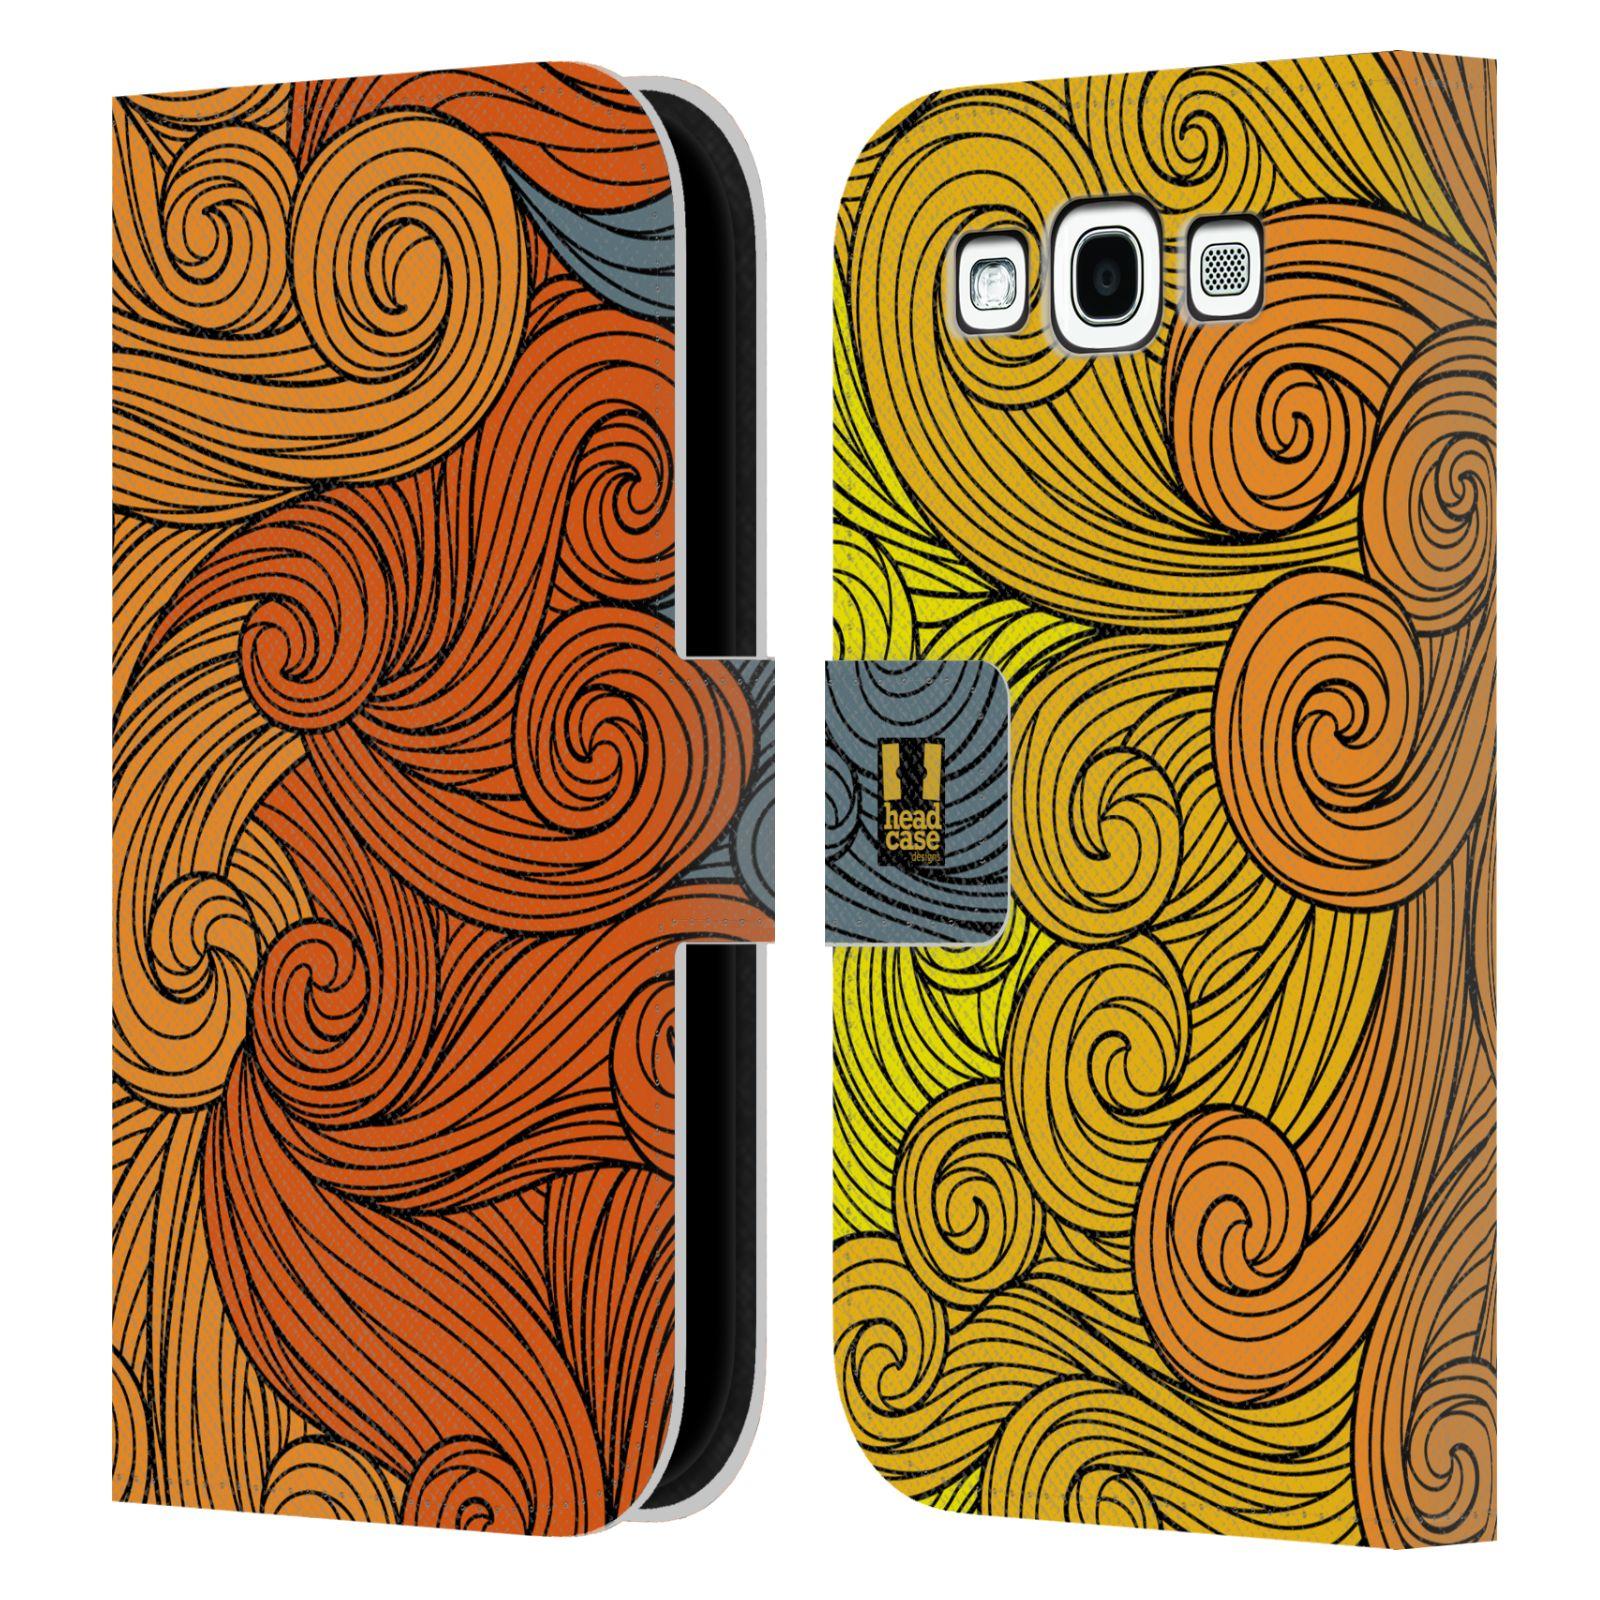 HEAD CASE Flipové pouzdro pro mobil Samsung Galaxy S3 barevné vlny žlutá a oranžová